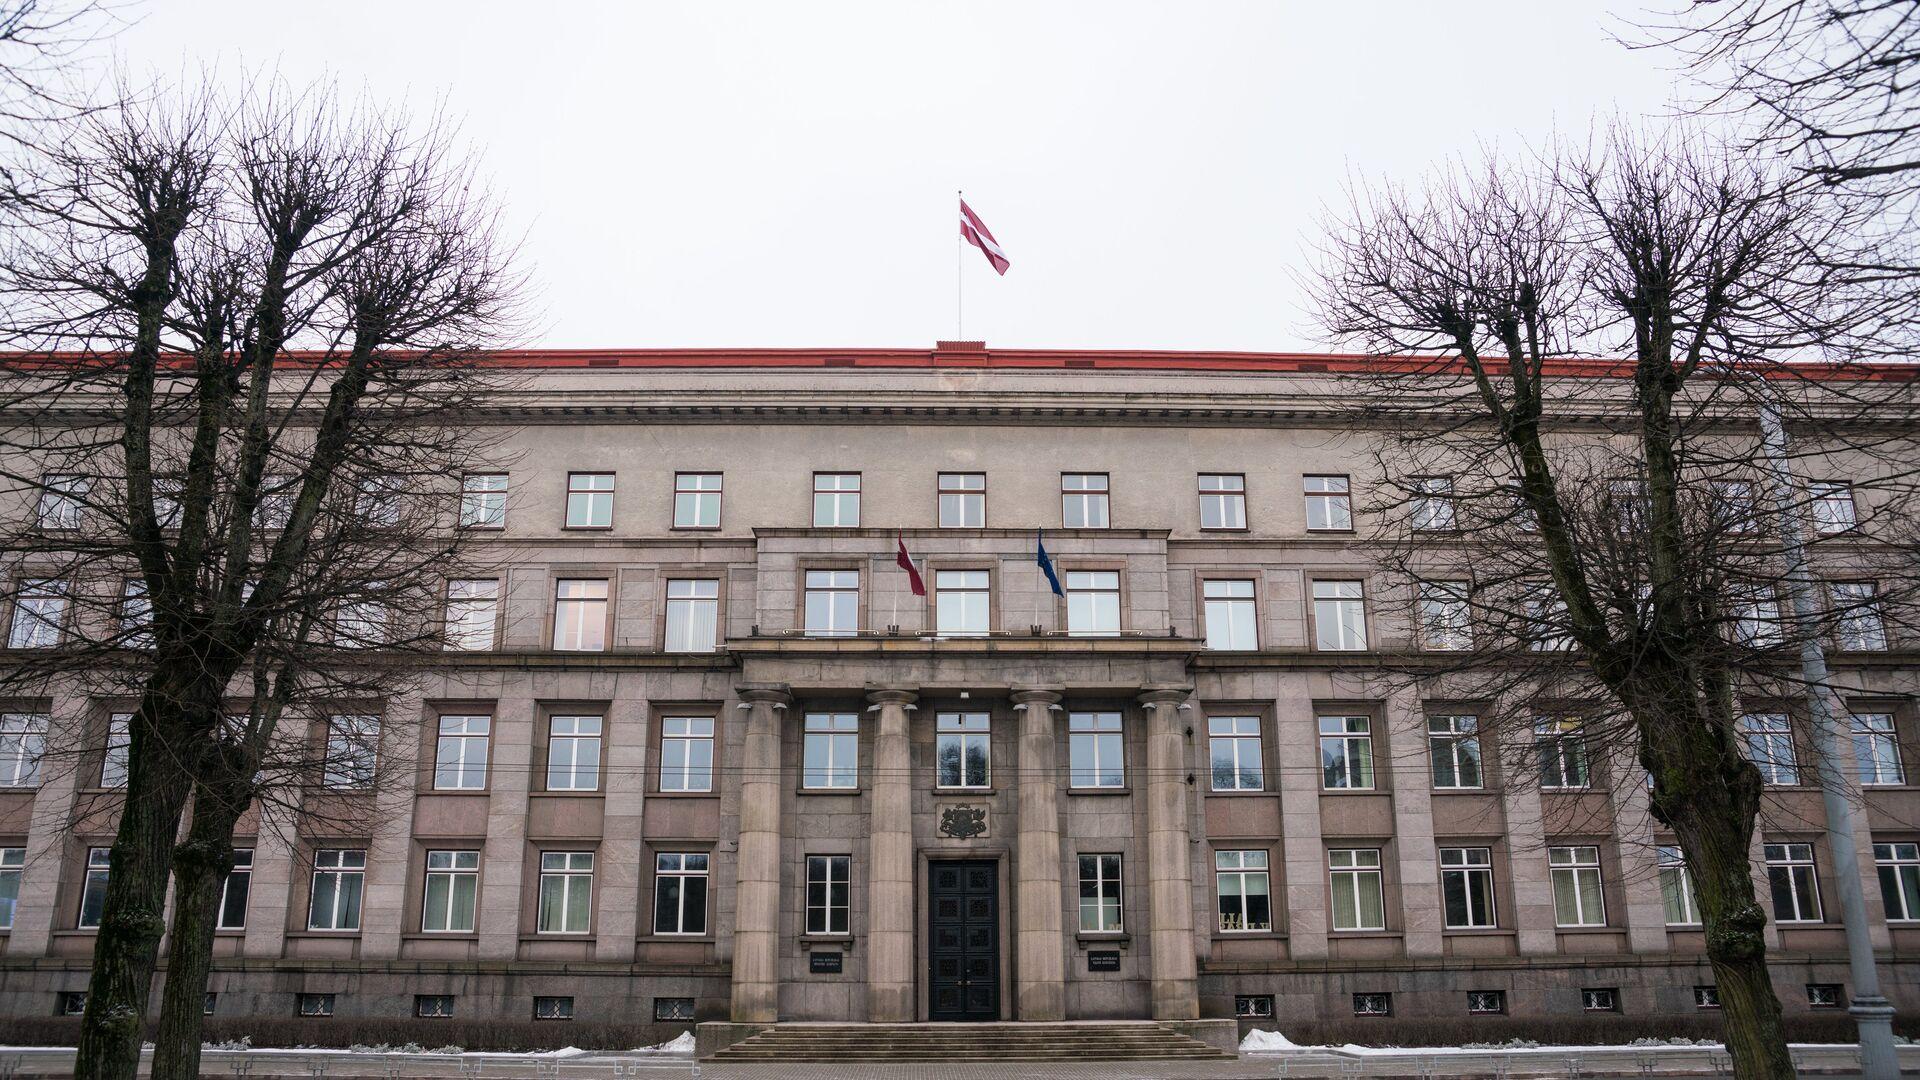 Здание Кабинета министров Латвии в Риге - Sputnik Латвия, 1920, 13.10.2021